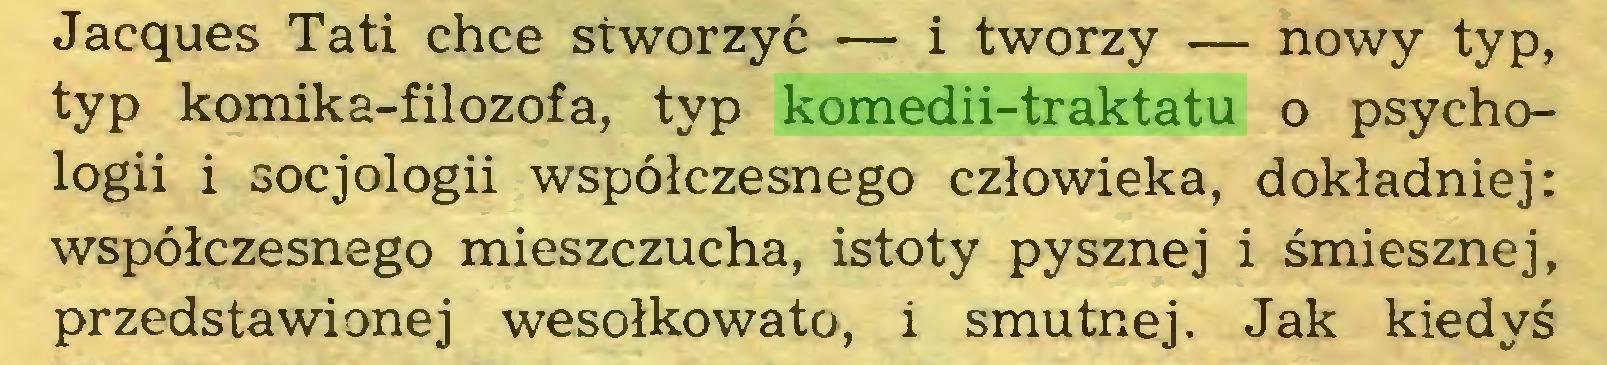 (...) Jacques Tati chce stworzyć — i tworzy — nowy typ, typ komika-filozofa, typ komedii-traktatu o psychologii i socjologii współczesnego człowieka, dokładniej: współczesnego mieszczucha, istoty pysznej i śmiesznej, przedstawionej wesołkowato, i smutnej. Jak kiedyś...